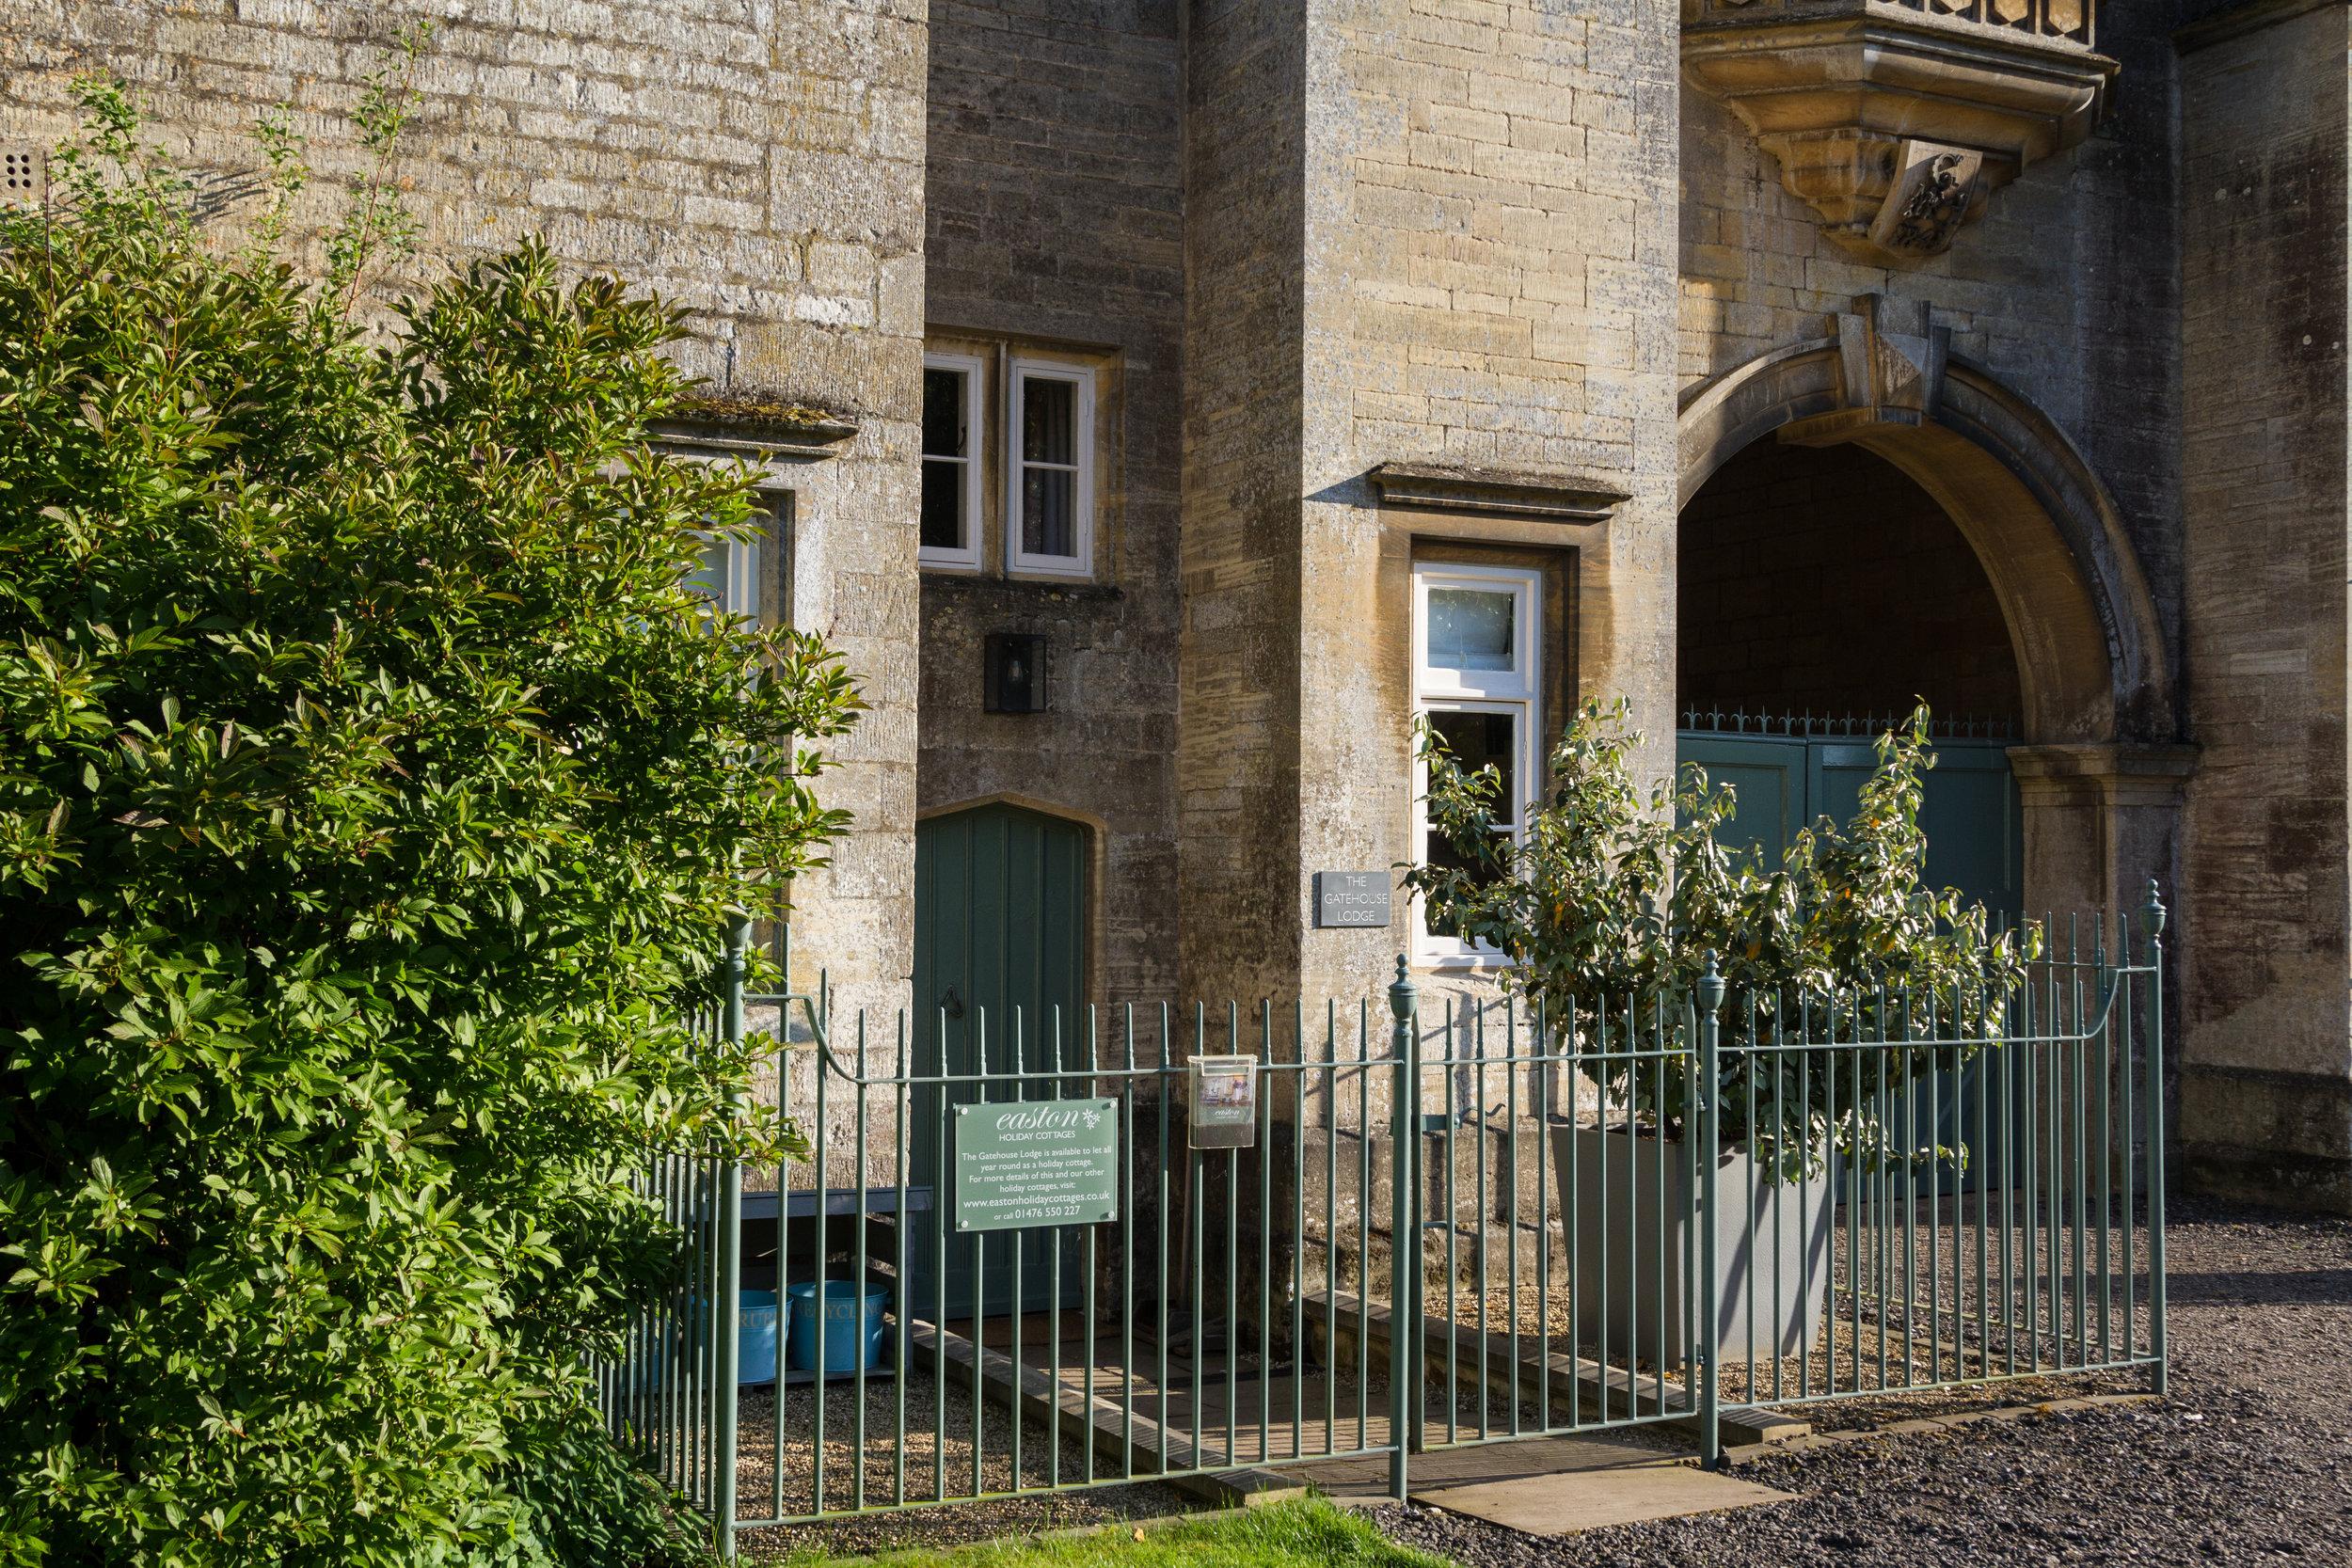 Estate - Gatehouse Lodge 23.5.19-12.jpg